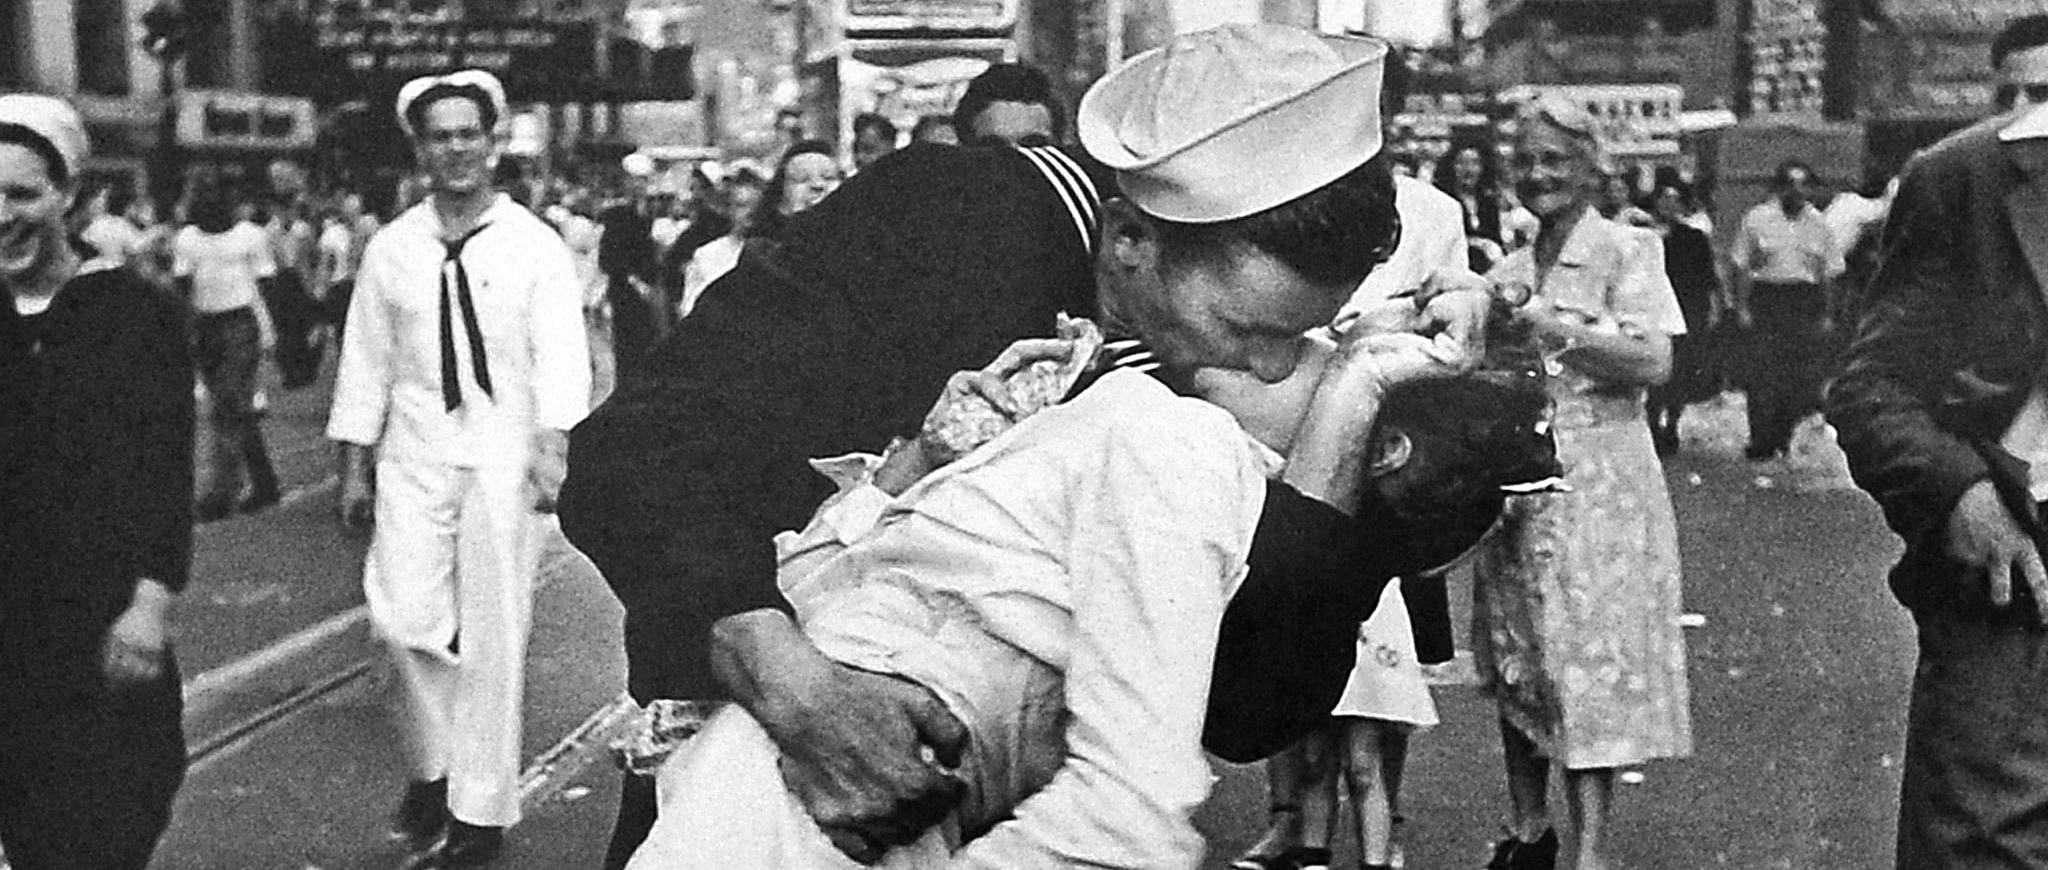 Historia jednego zdjęcia: pocałunek na Times Square